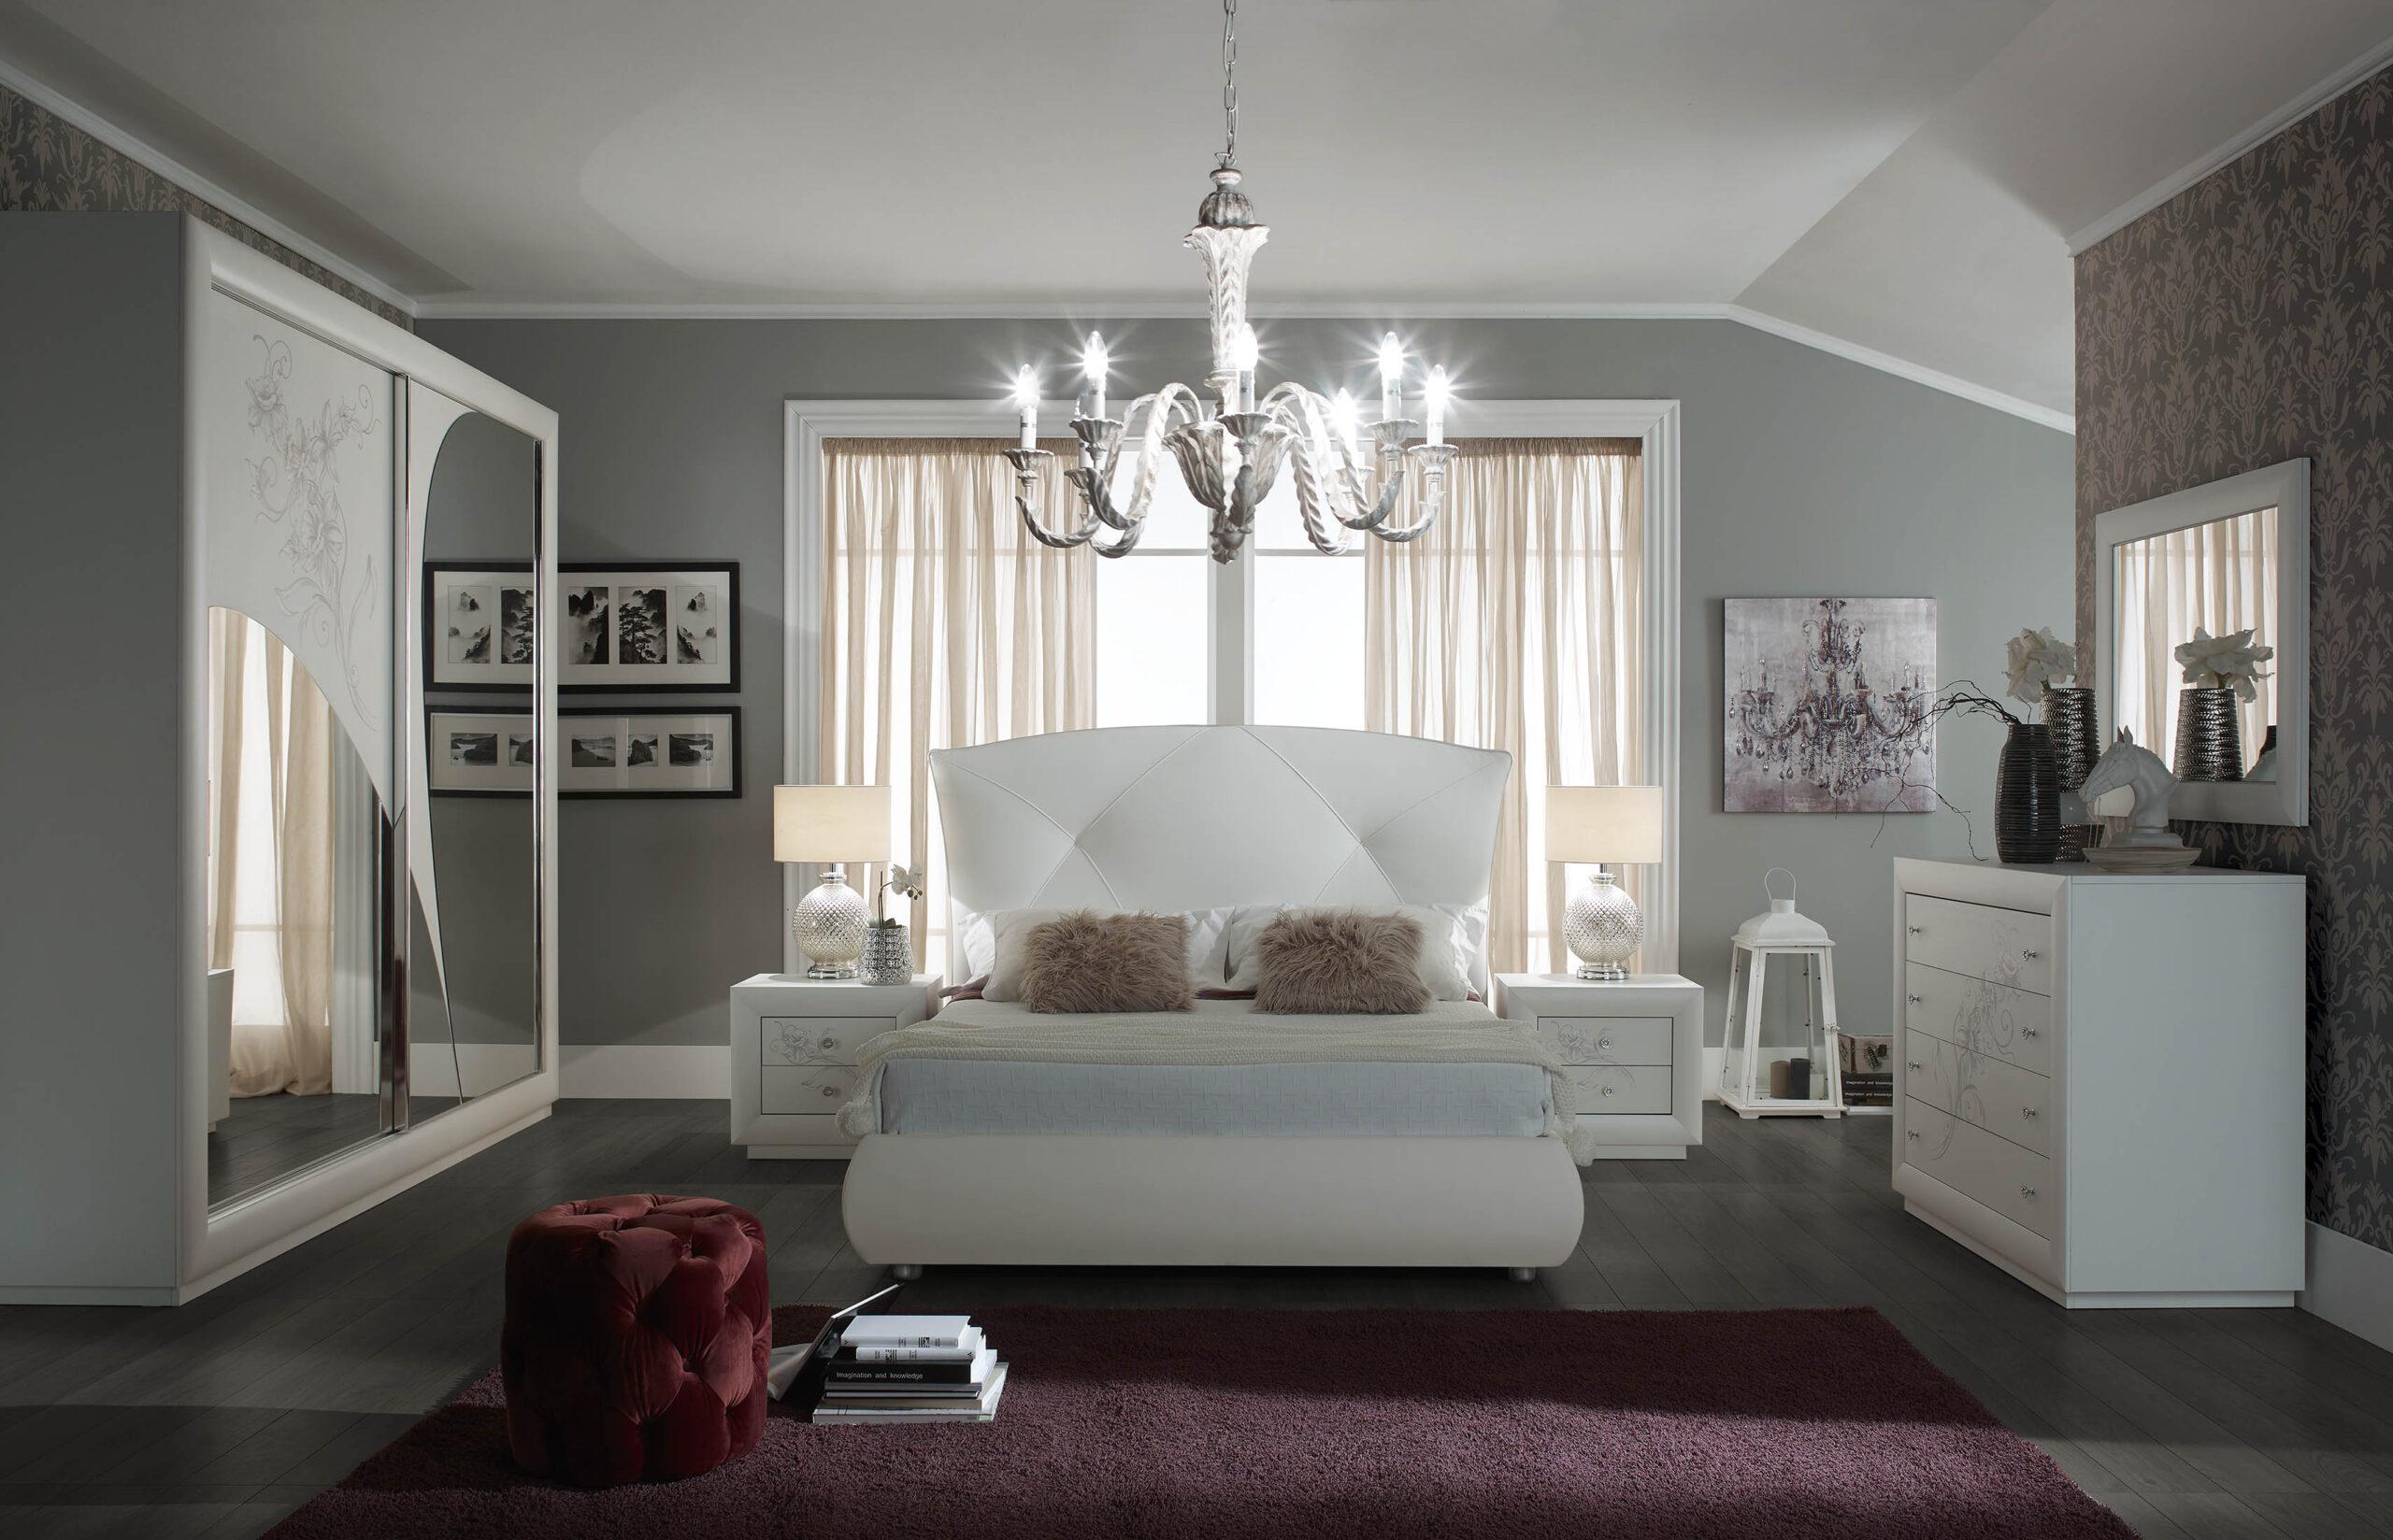 Full Size of Elegante Kommode Mit Spiegel Schlafzimmer Komplett Günstig Wandtattoo Tapeten Deckenlampe Kommoden Deckenleuchte überbau Deckenlampen Wohnzimmer Modern Rauch Wohnzimmer Schlafzimmer Komplett Modern